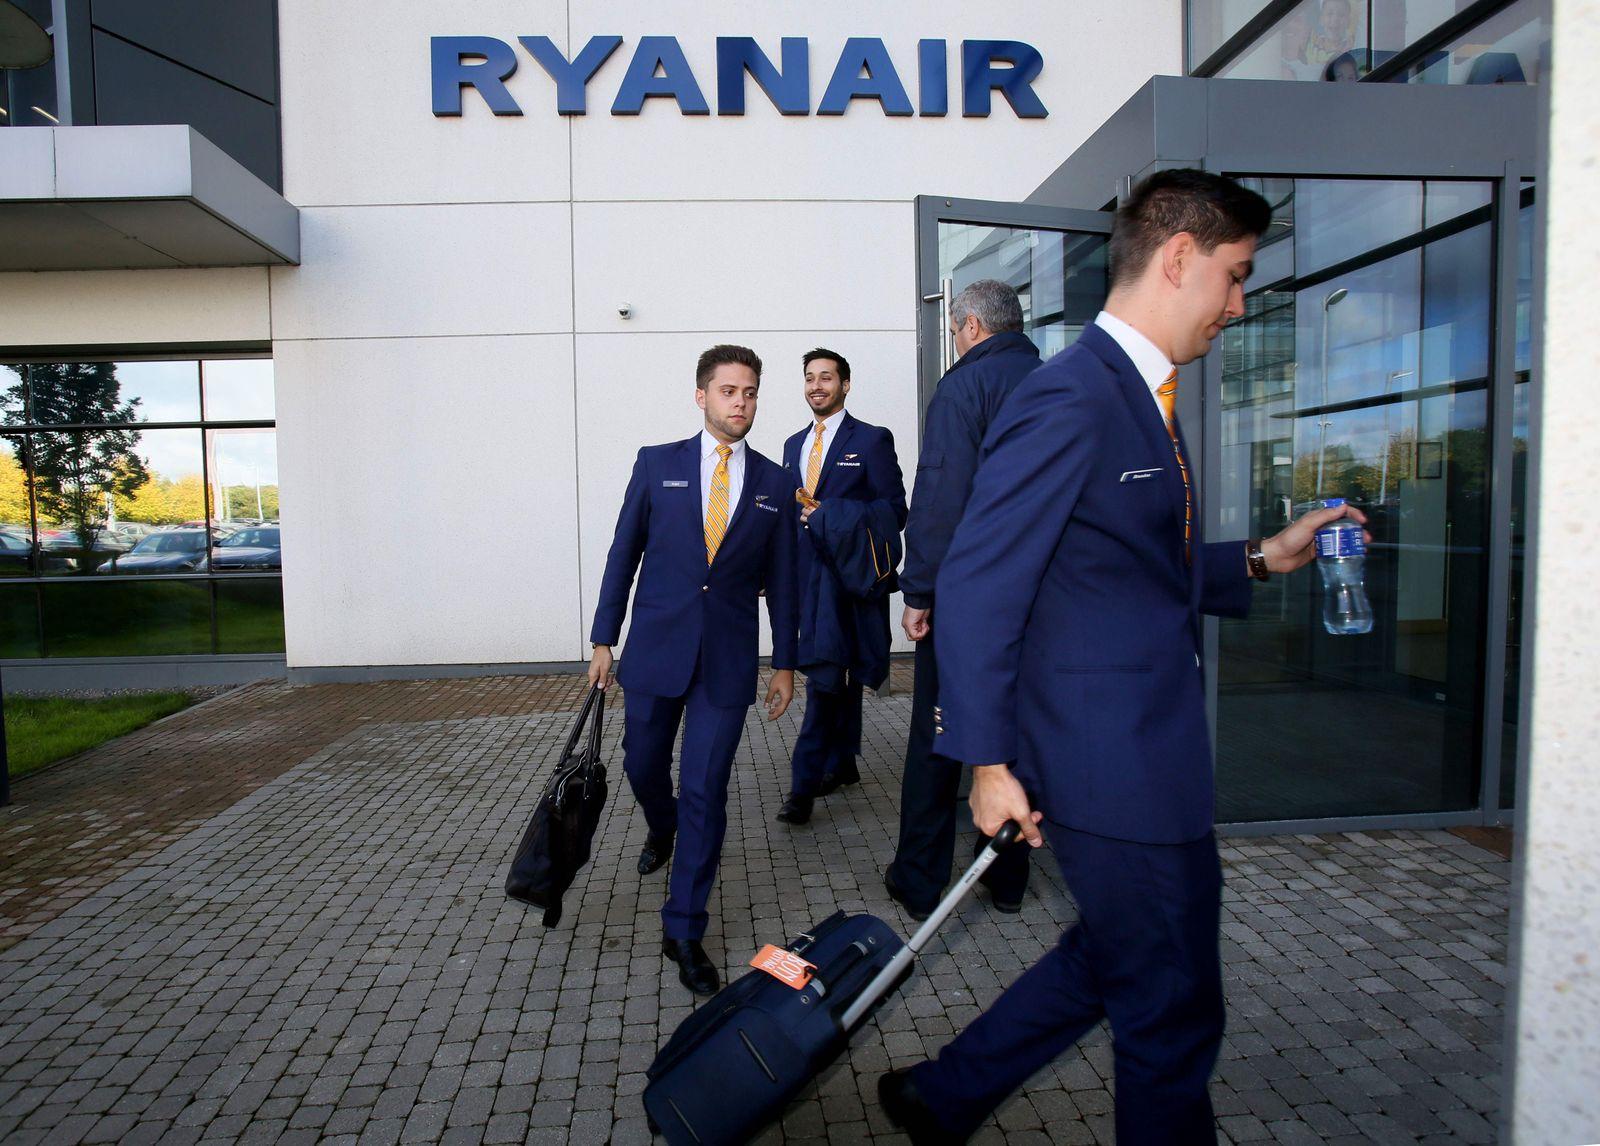 FILES-BRITAIN-IRELAND-AVIATION-RYANAIR-UNIONS-STRIKE-LABOUR